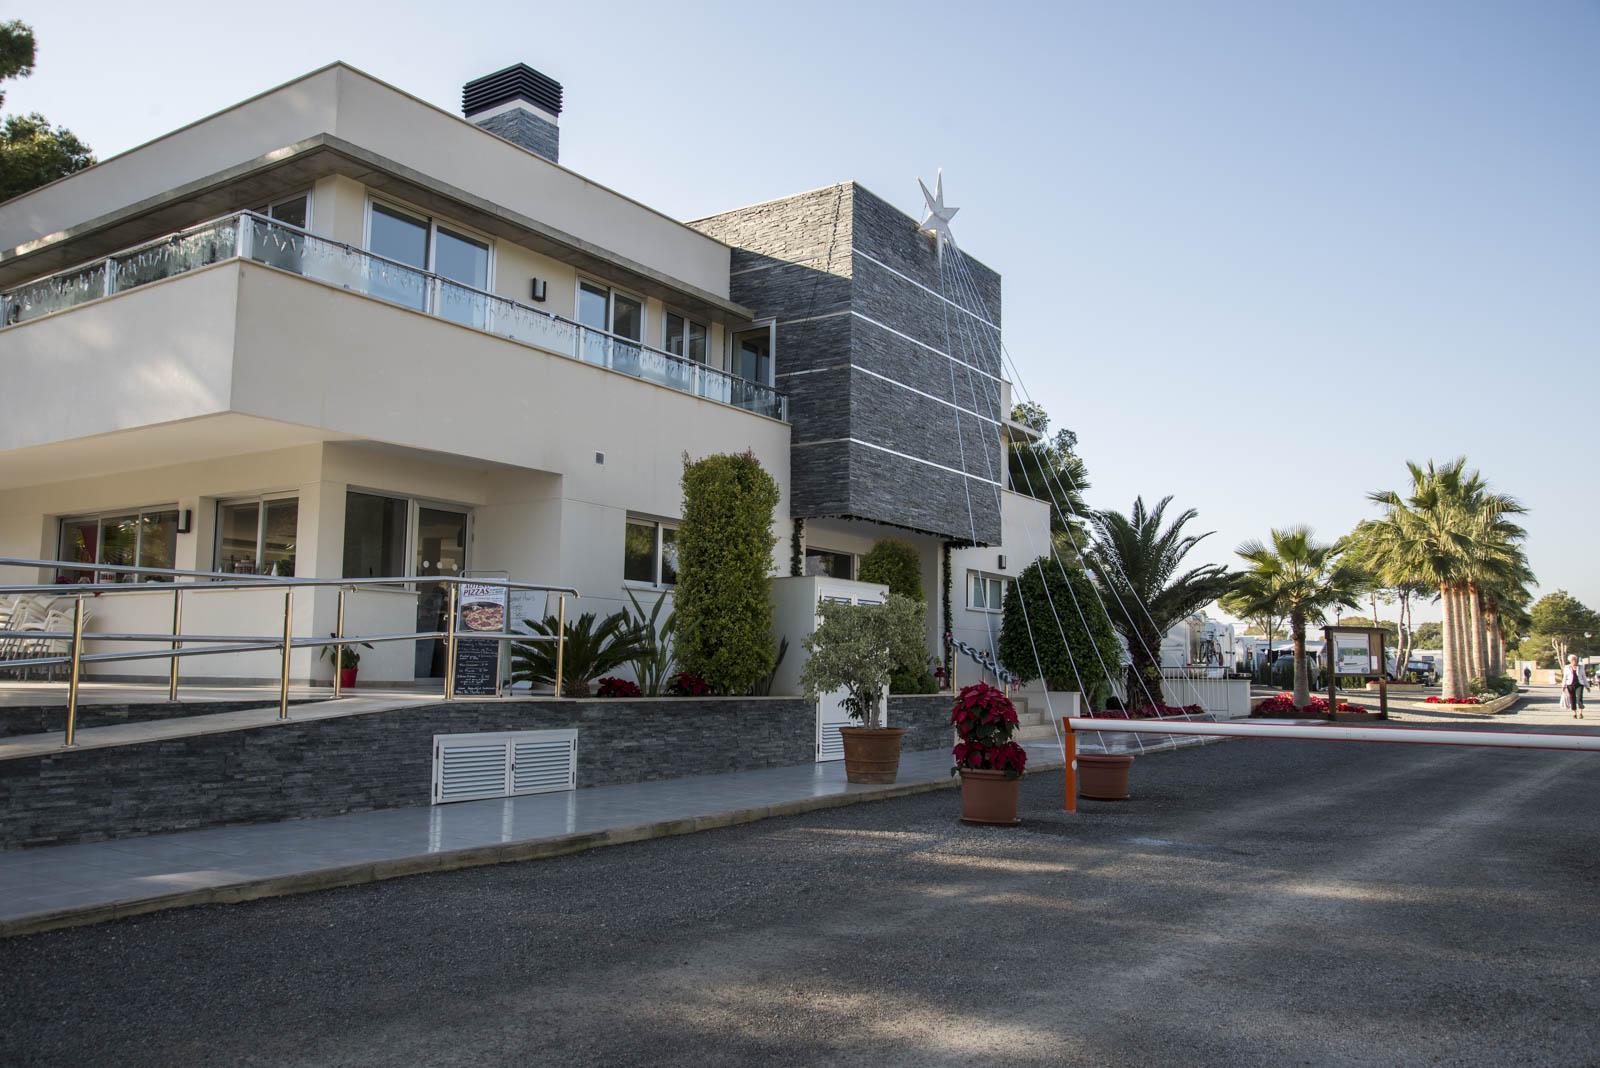 Hovedbygningen med resepsjon, restaurant og sanitæranlegg